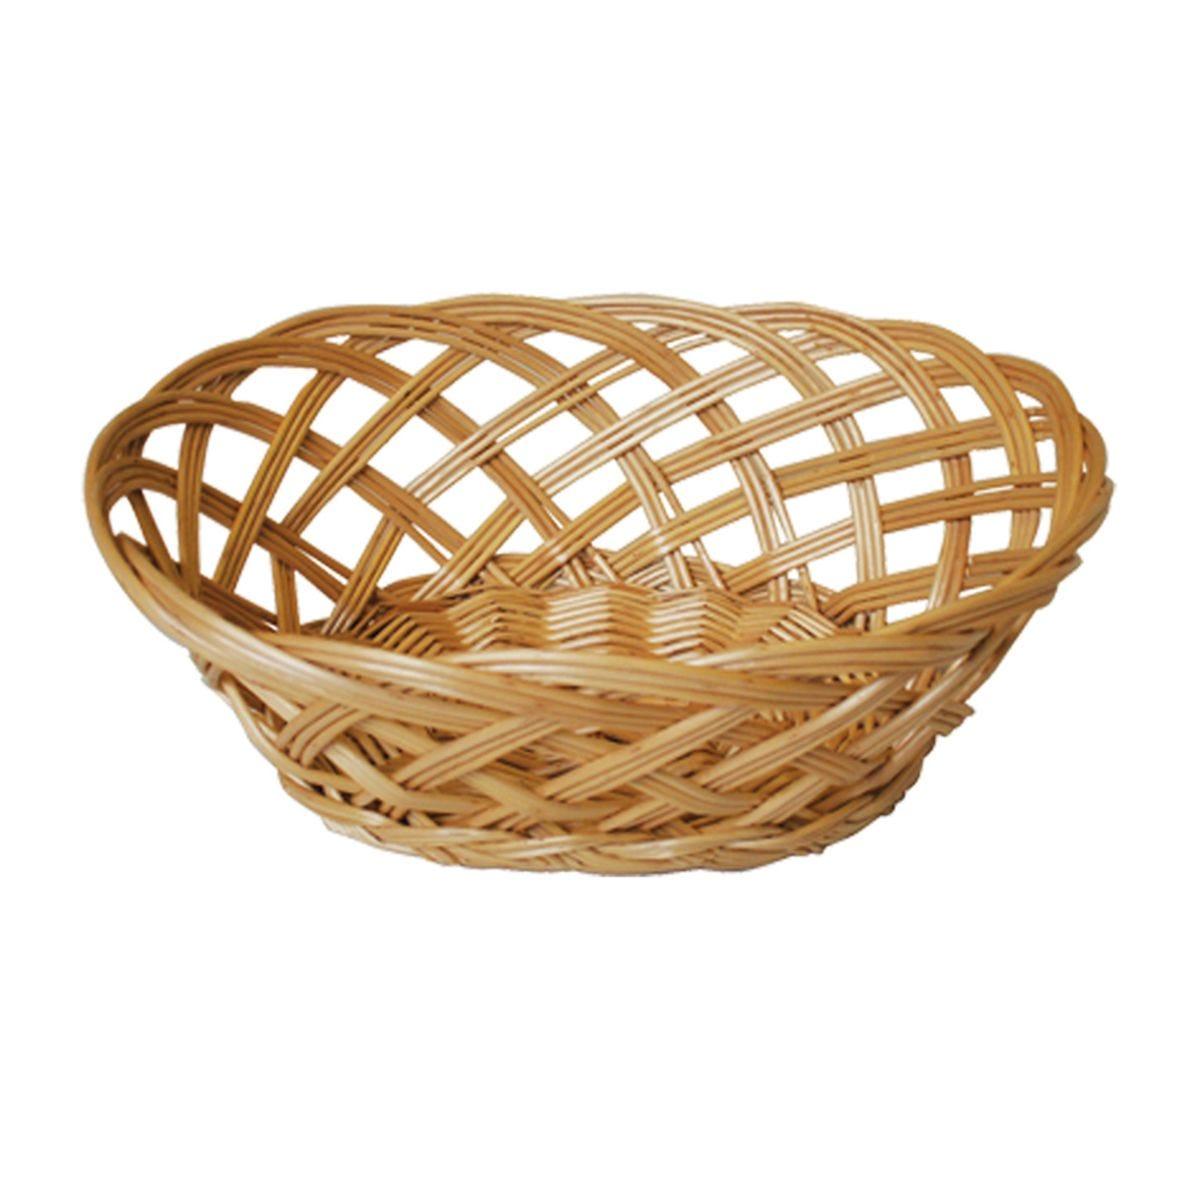 JVL Oval Steamed Open Willow Basket 23 x 18 x 9 cm